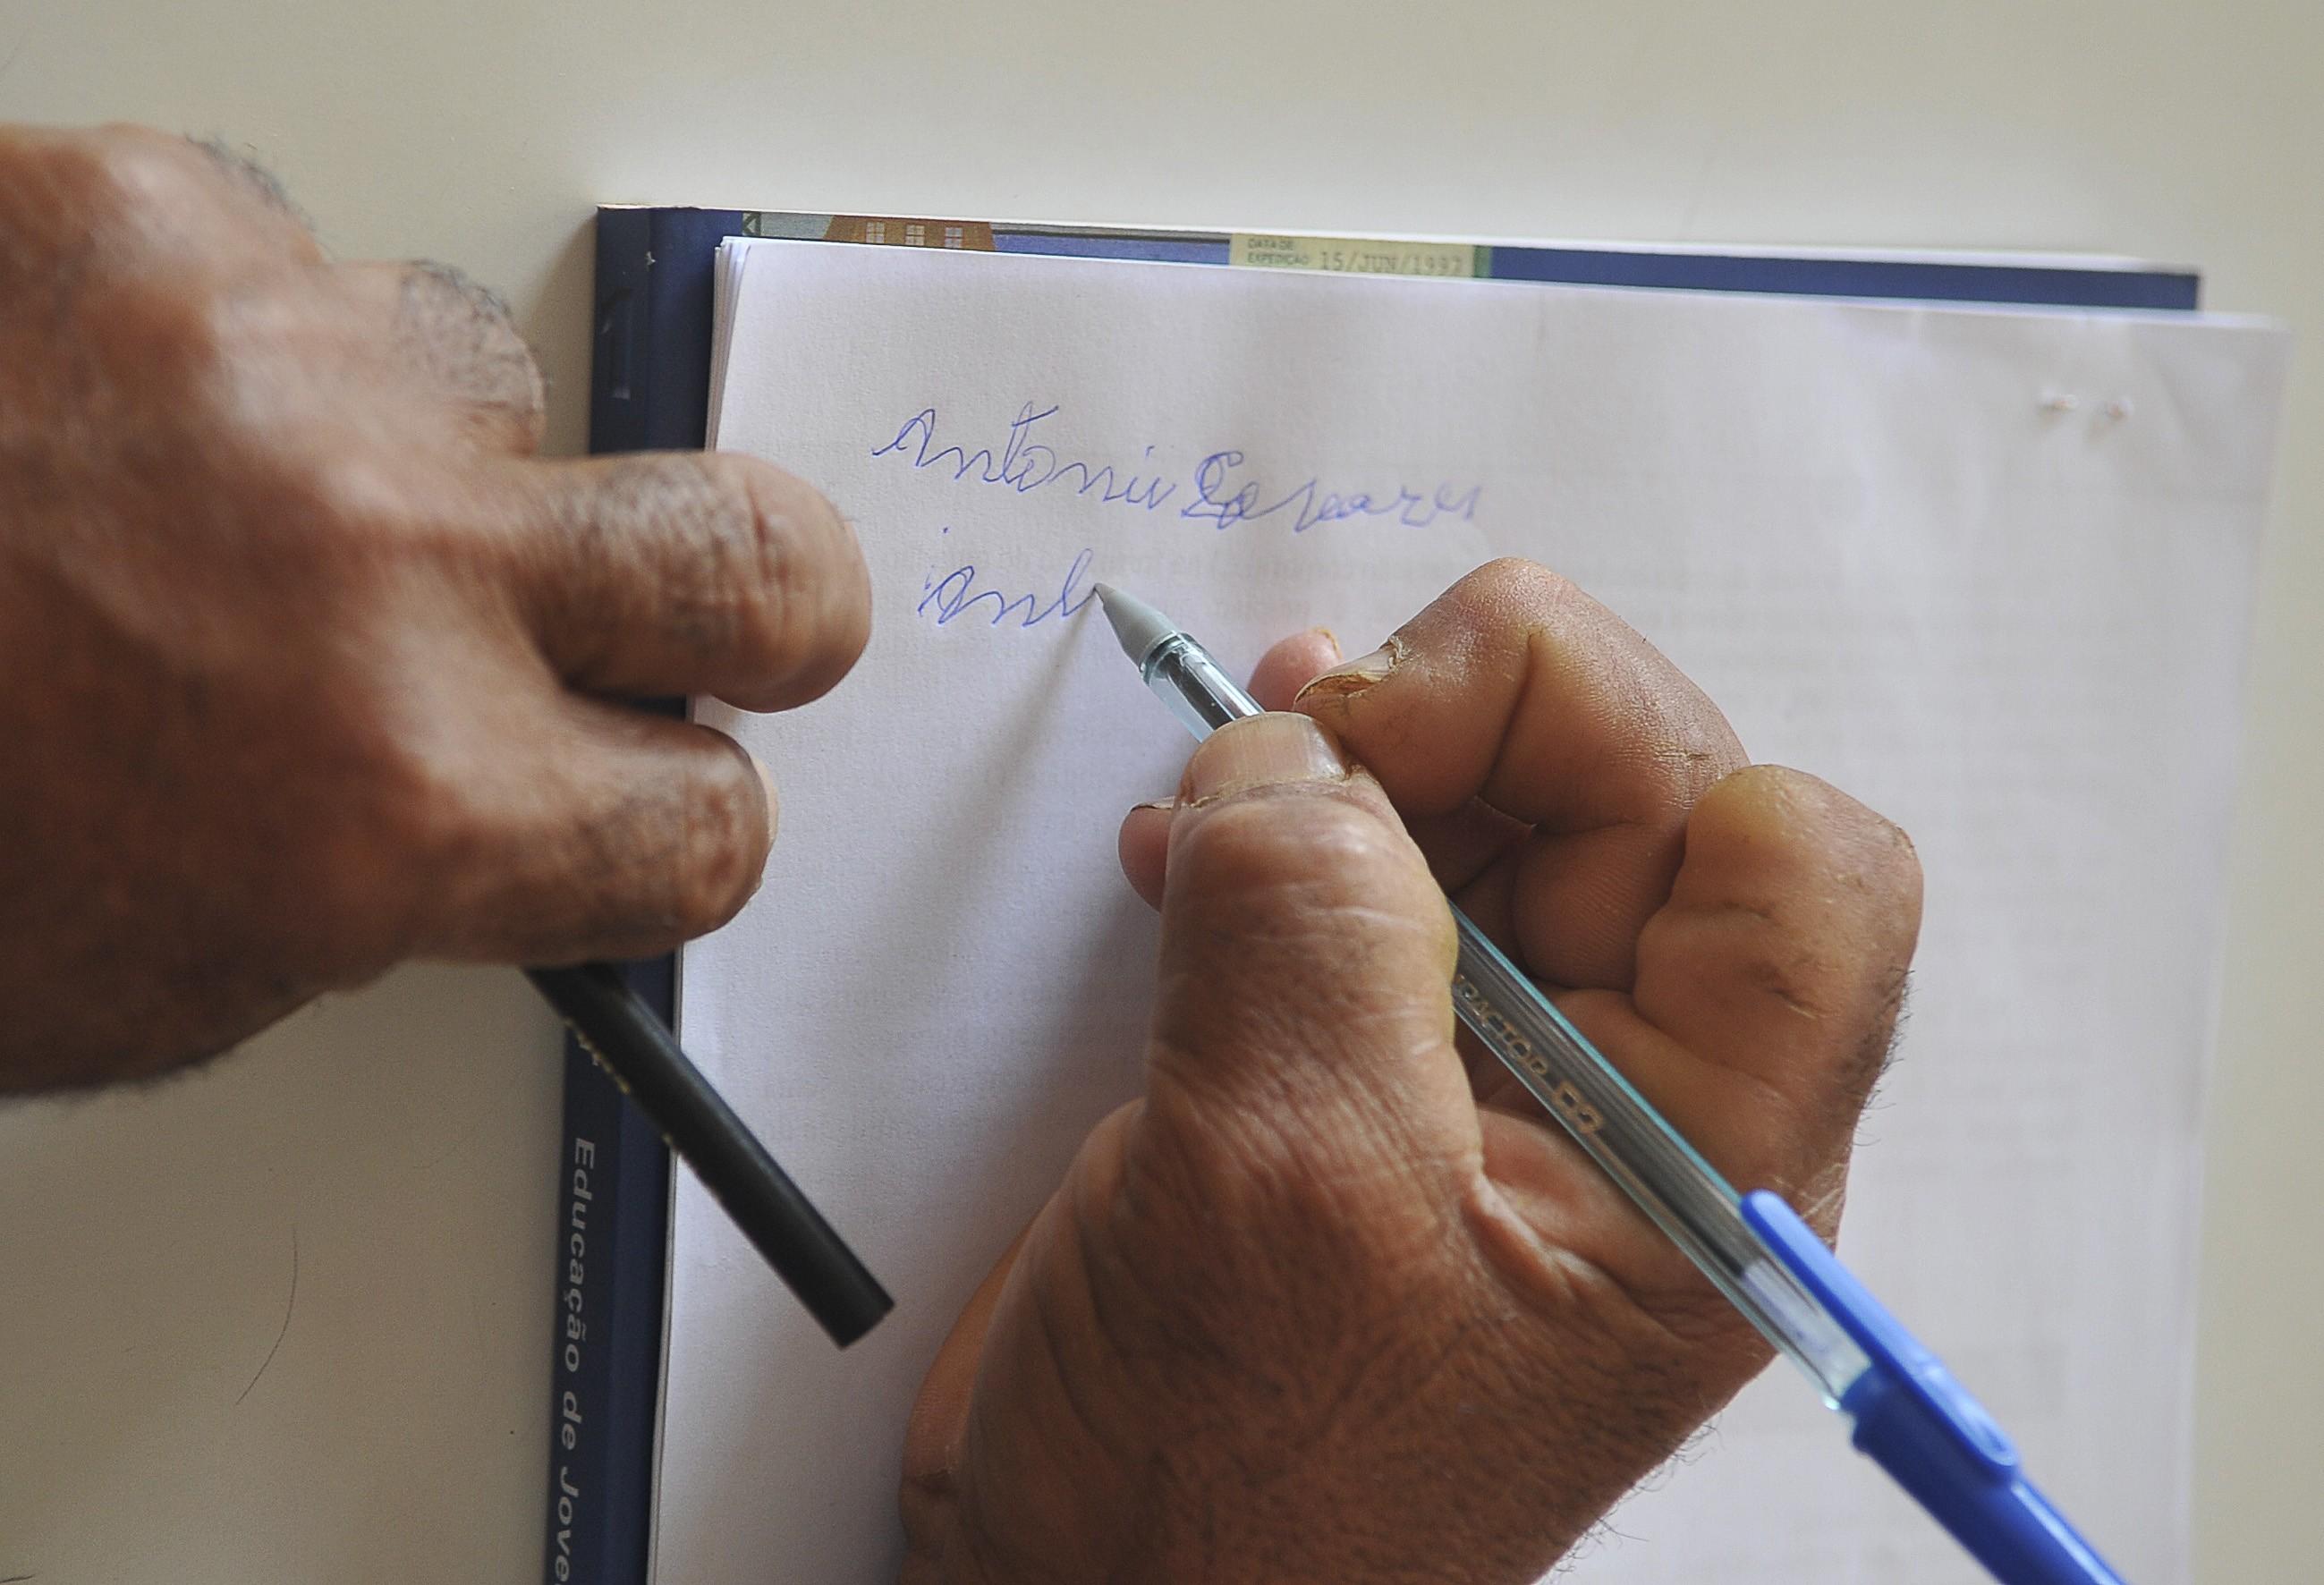 escrever, analfabeto, analfabetismo, educação (Foto: Agência Brasil)